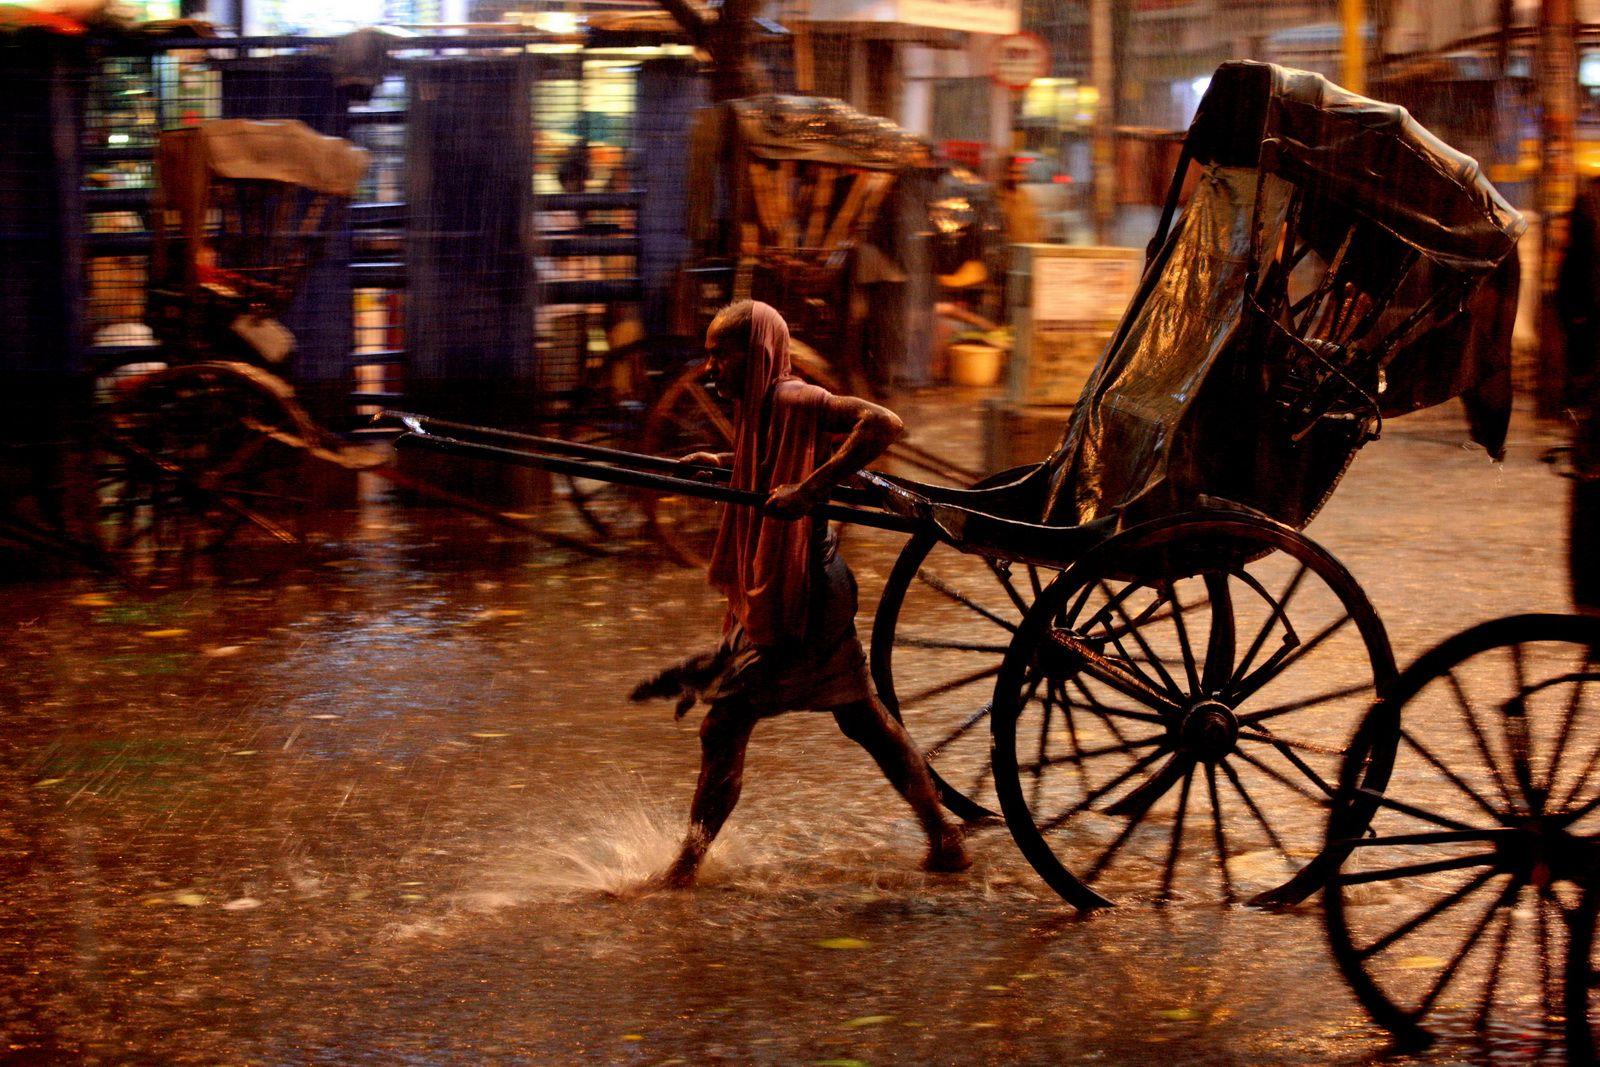 Rikši, Kalkata, Indie / Rickshaws, Kolkata, India